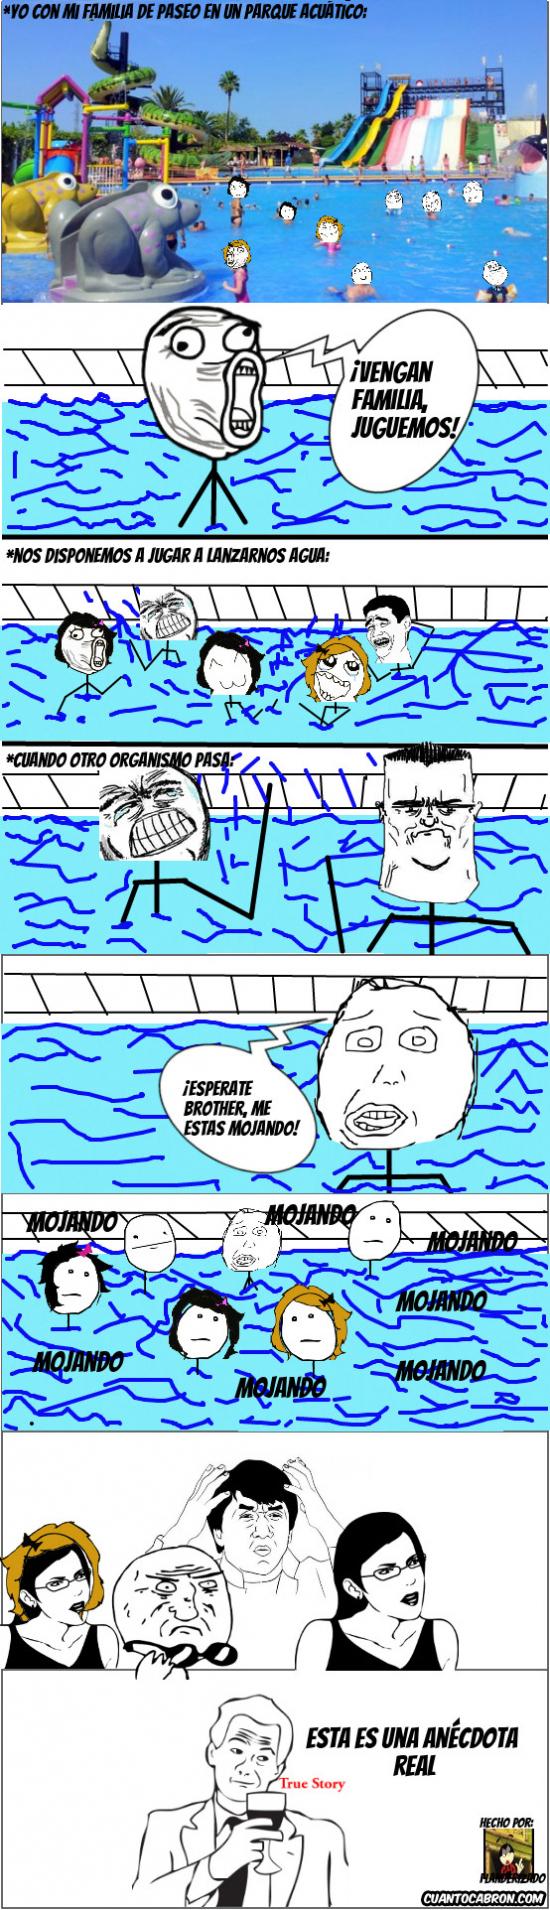 True_story - Cuando la estupidez nos sorprende